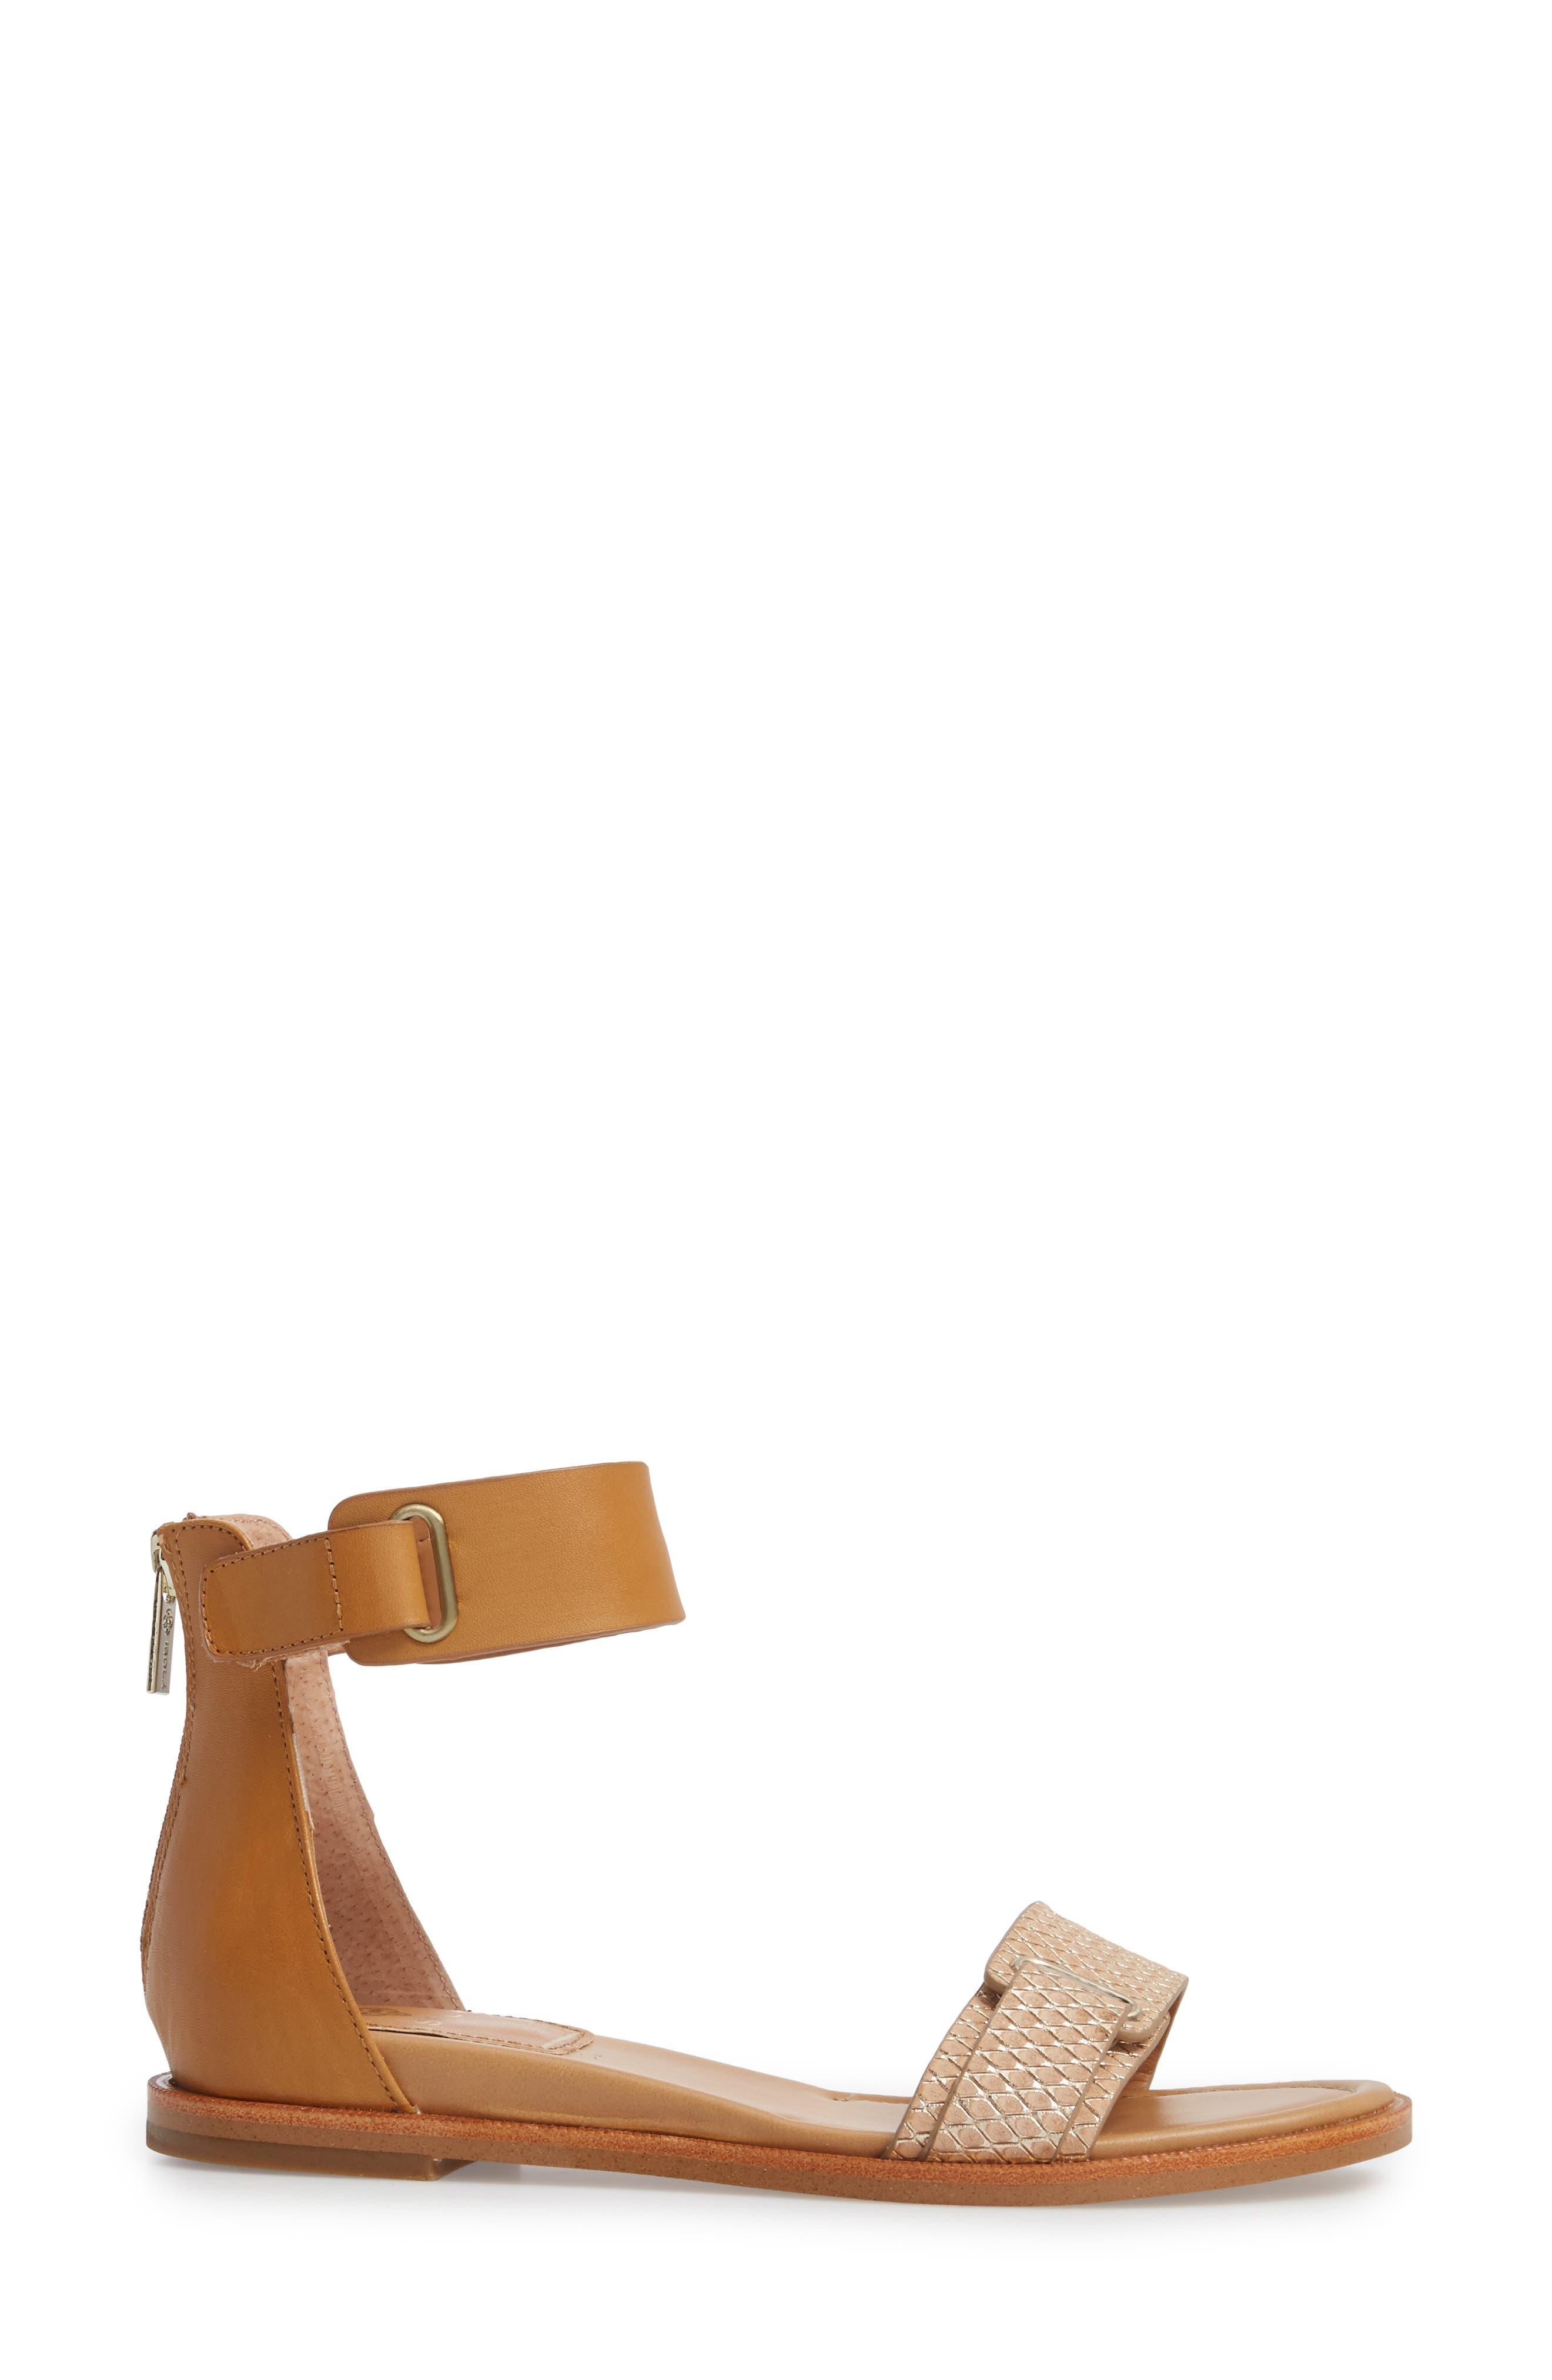 Savina Ankle Strap Sandal,                             Alternate thumbnail 3, color,                             Gold/ Desert Sand Leather